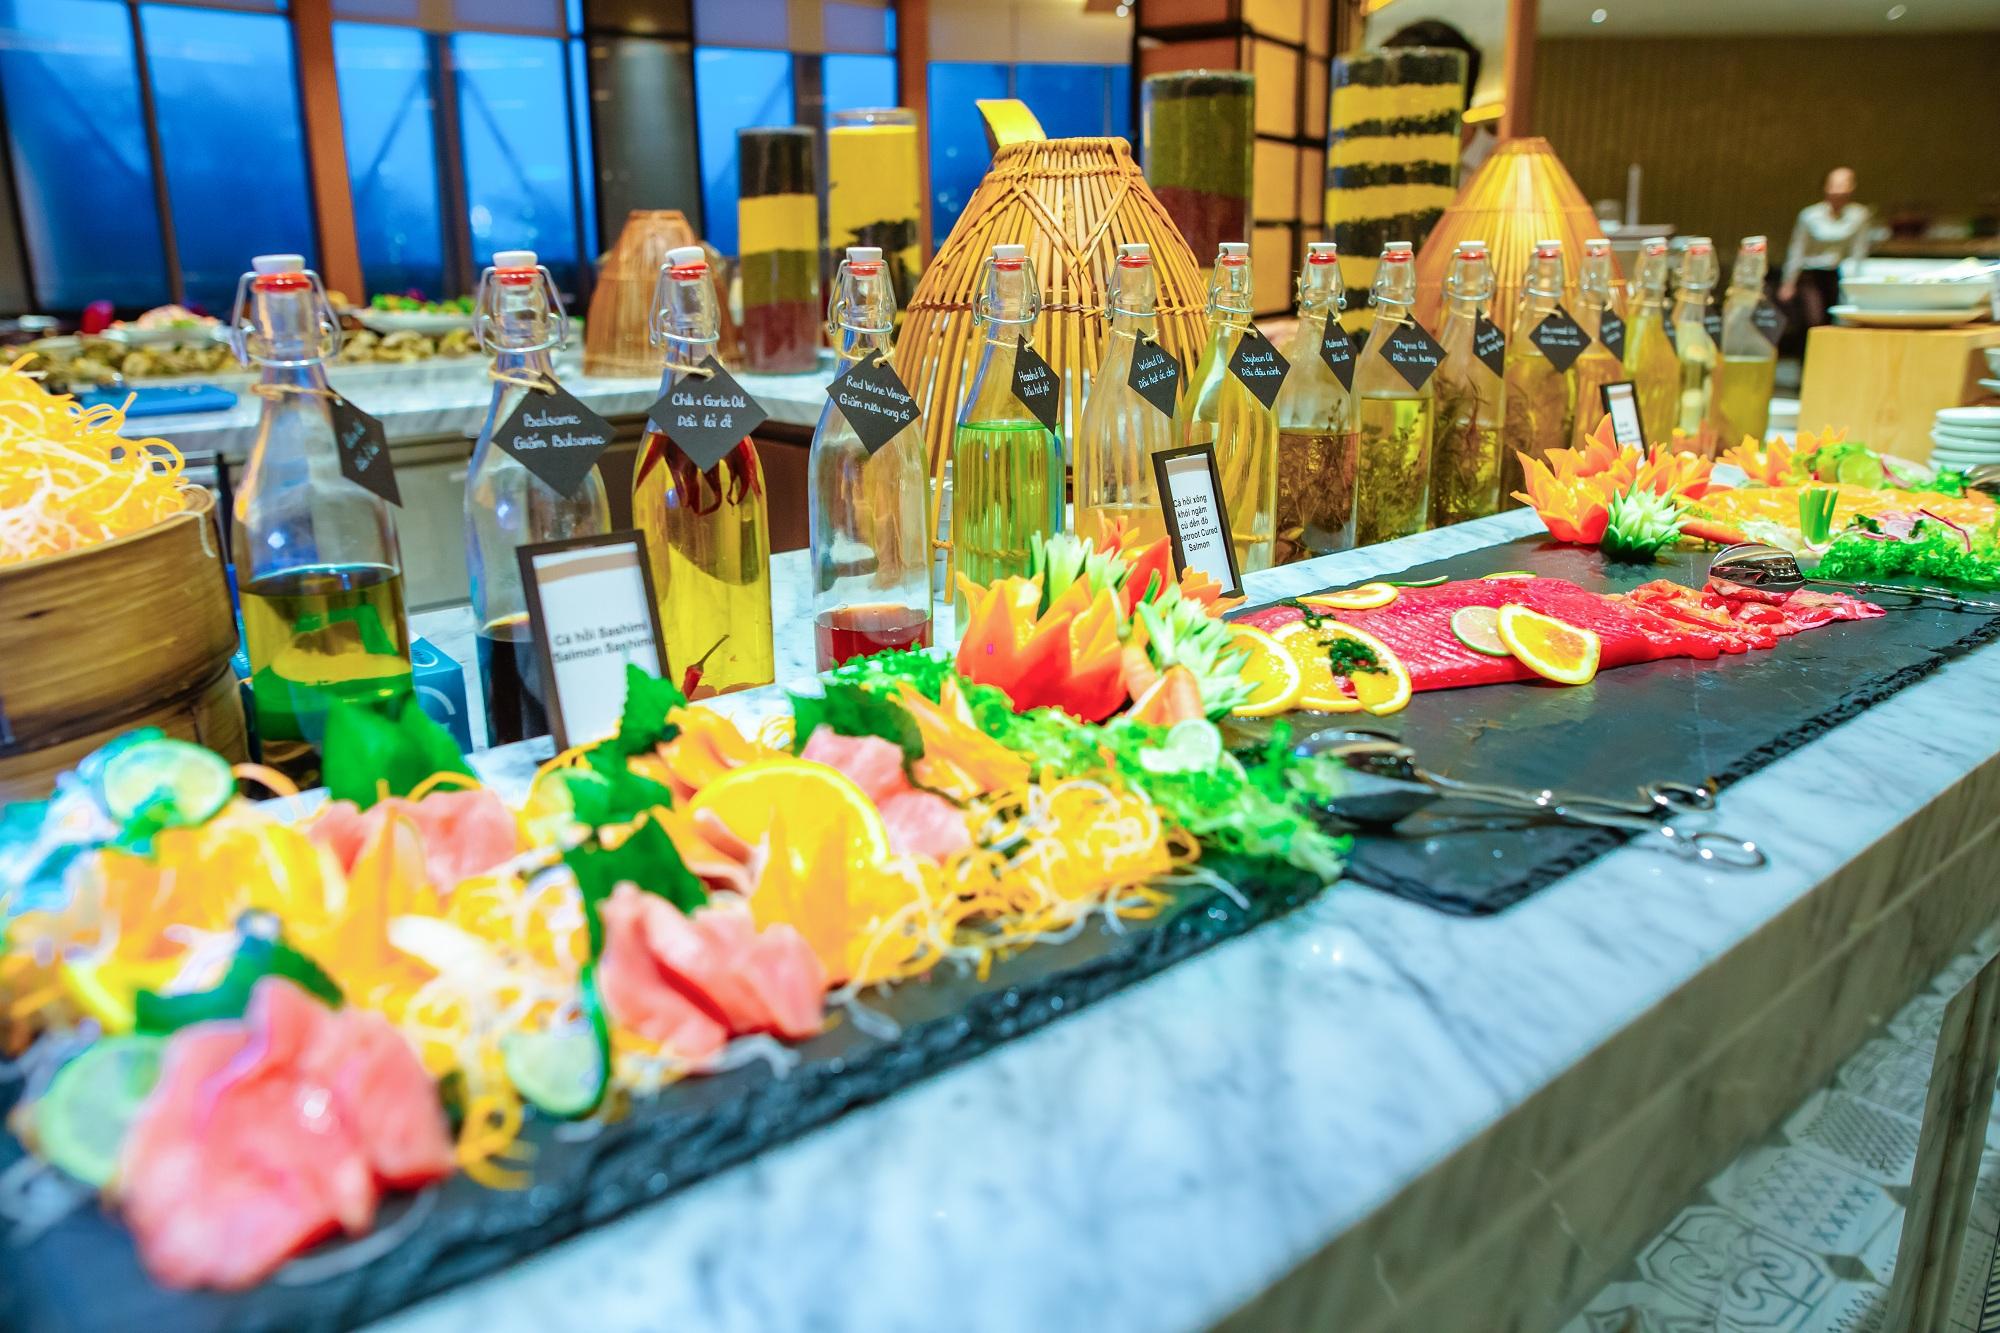 Tiec Hai San Thuong Han Hap Dan Nhat Danang Tai Hilton Nha Hang Brasserie Nam 08